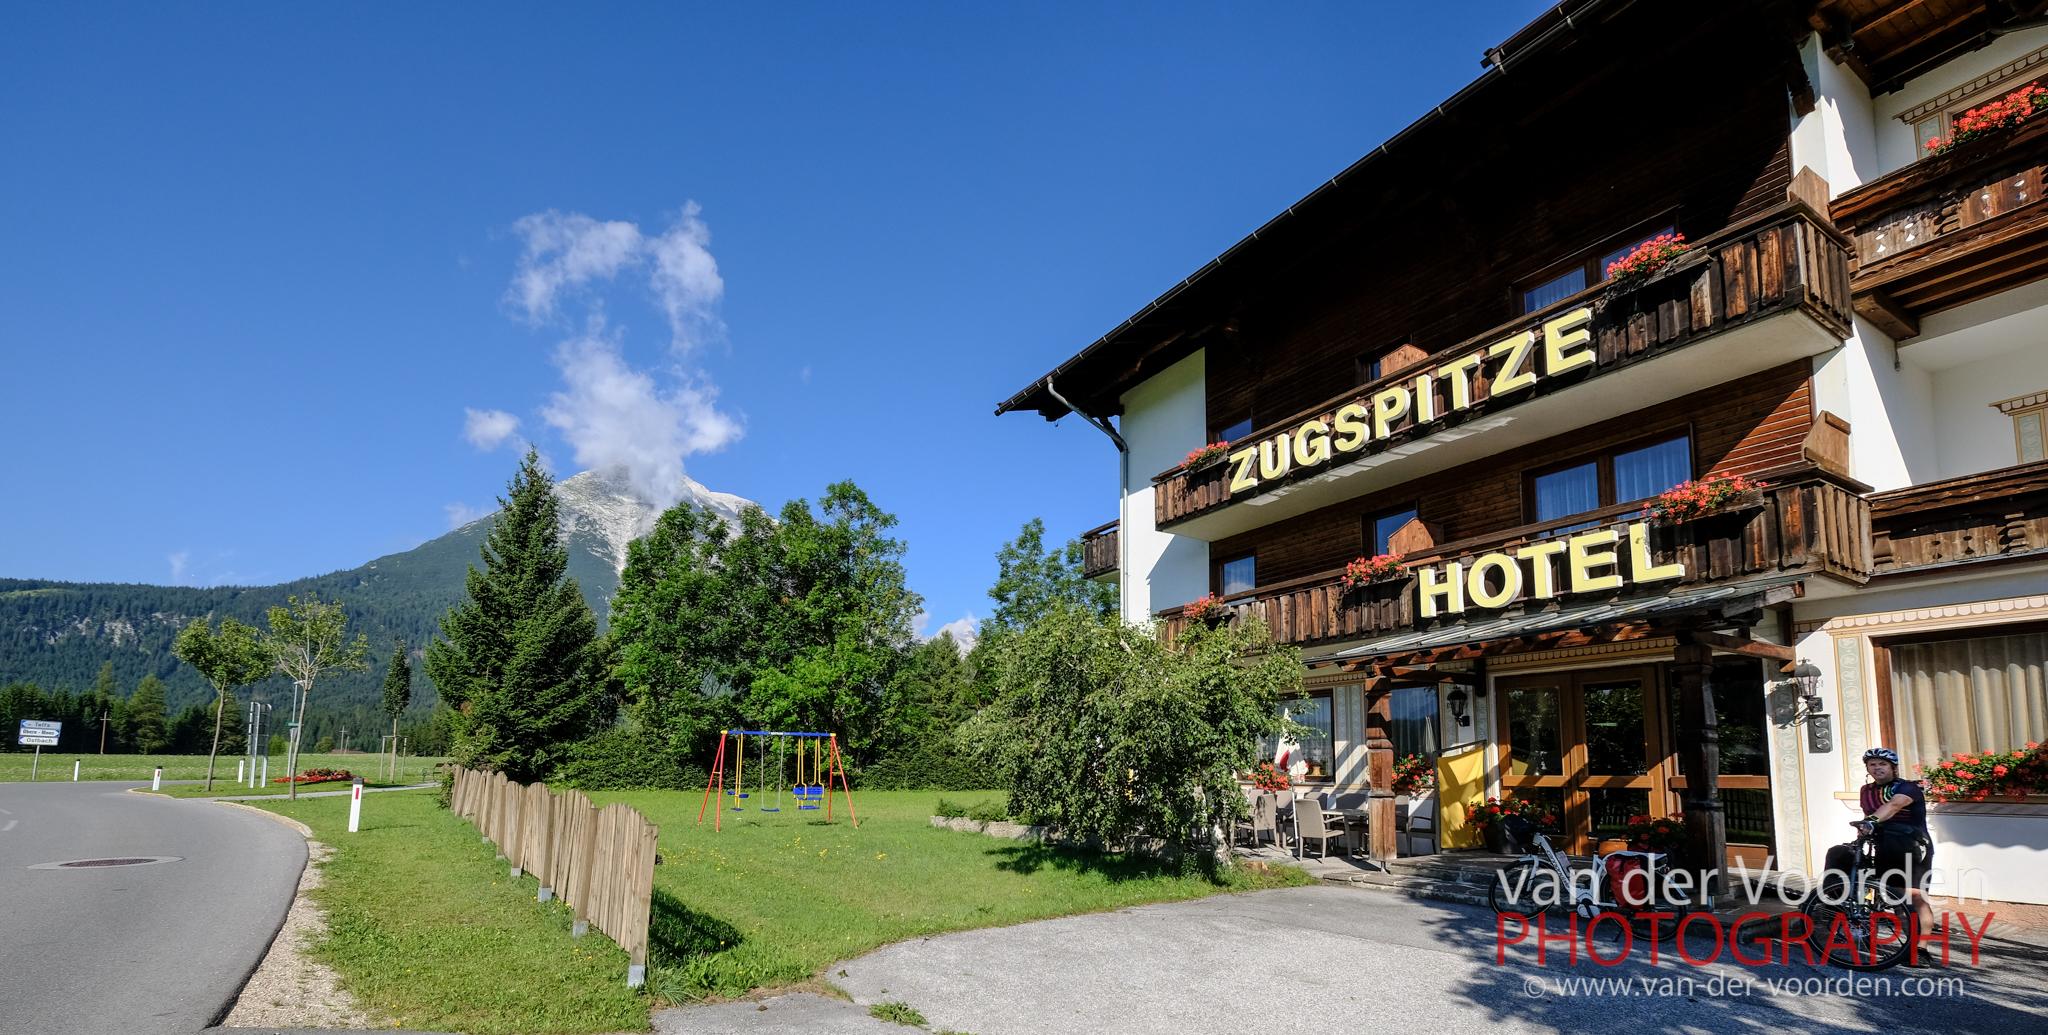 Am Zugspitz Hotel